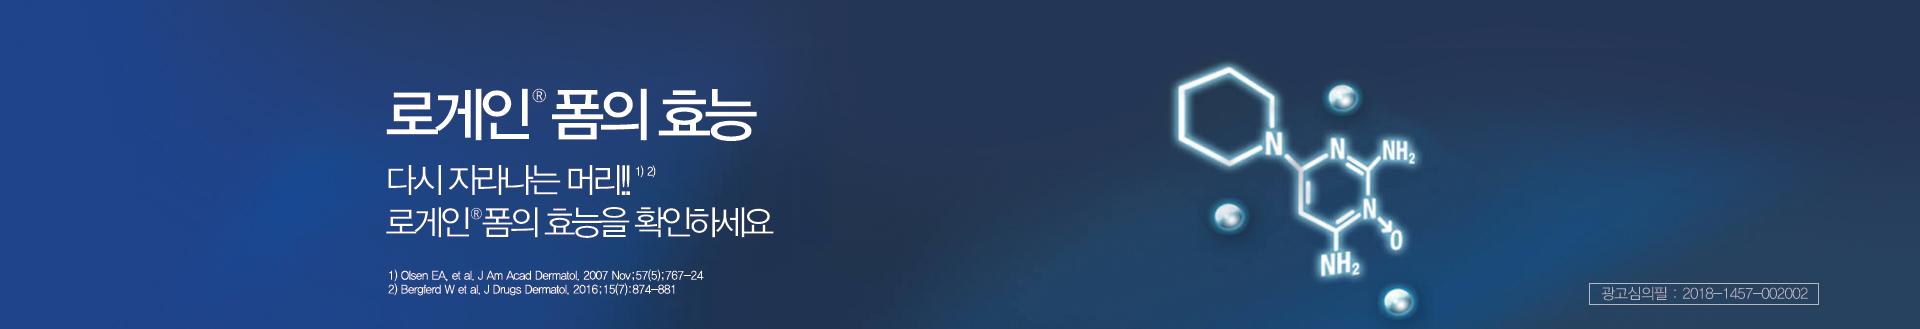 efficacy-new-banner.jpg